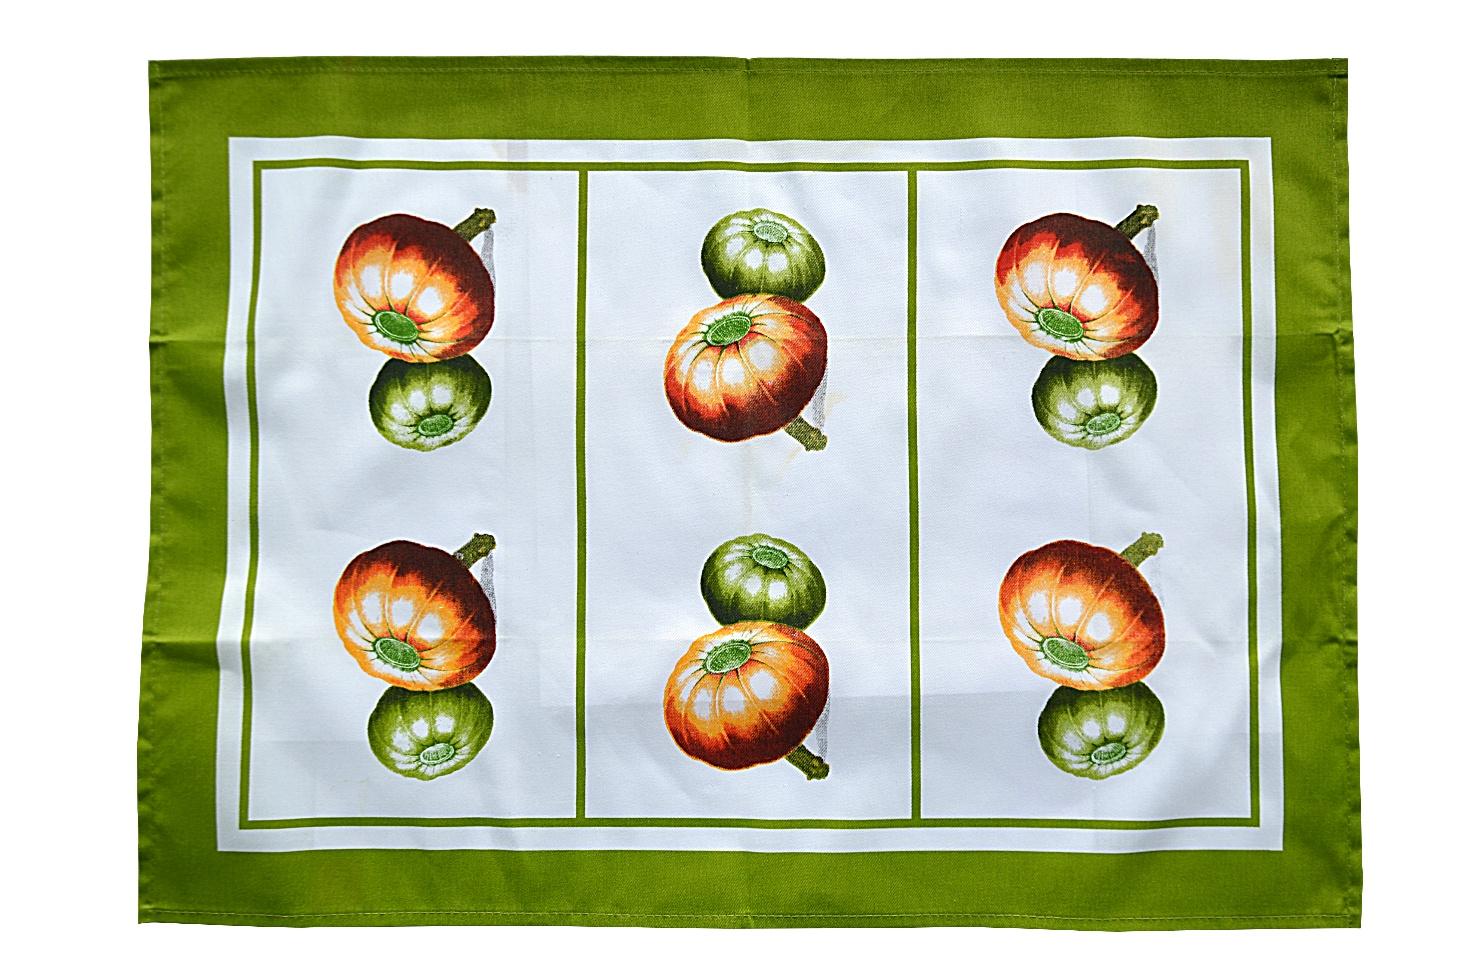 цена Полотенце кухонное Коллекция Полотенце Тыква, белый, зеленый онлайн в 2017 году